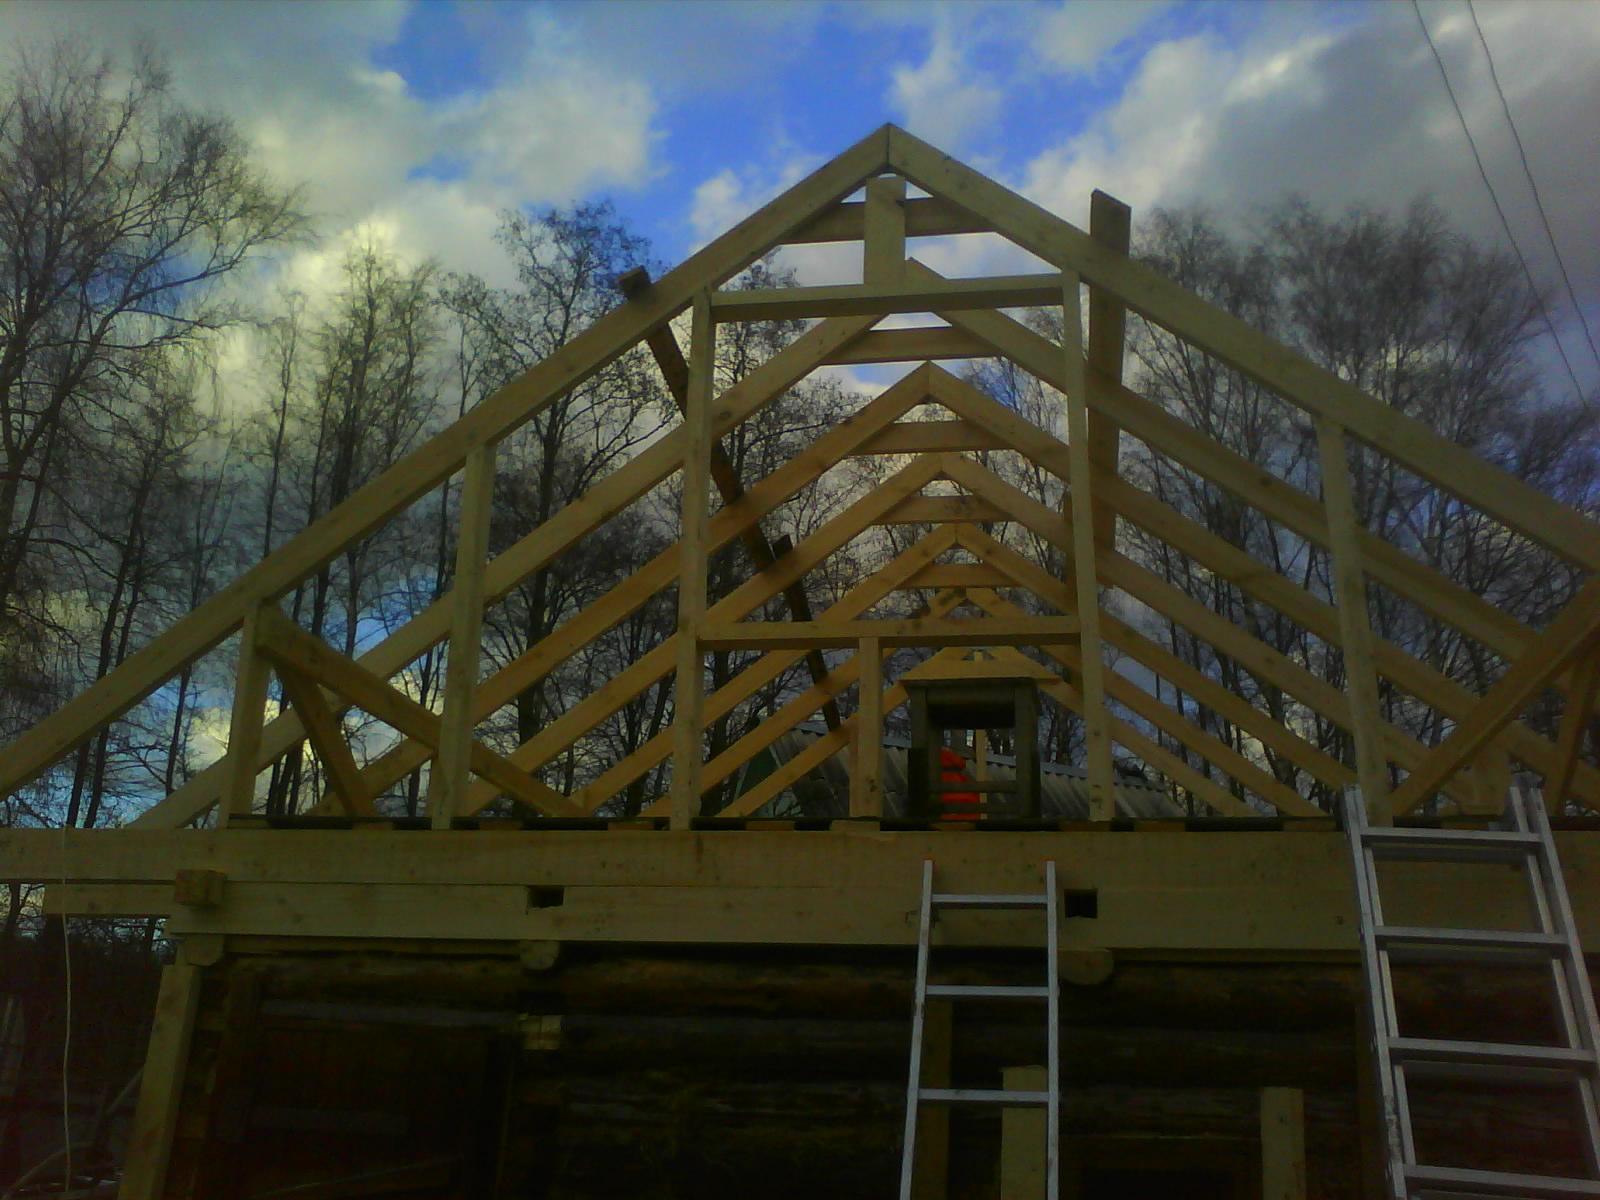 Пошаговое руководство по строительству крыши для дома своими руками 57